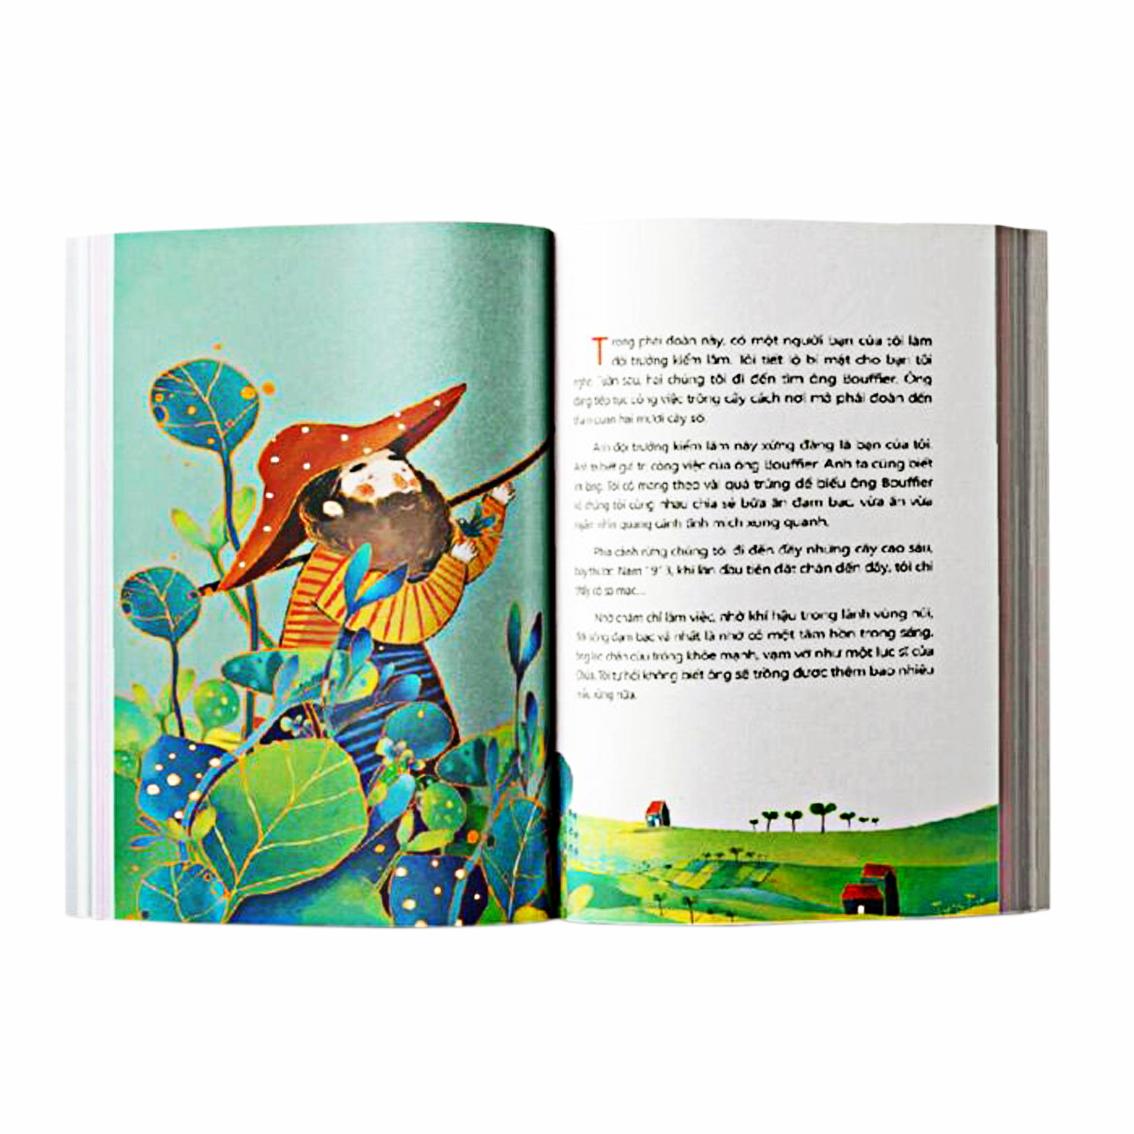 Tranh minh họa trong tác phẩm Người trồng rừng